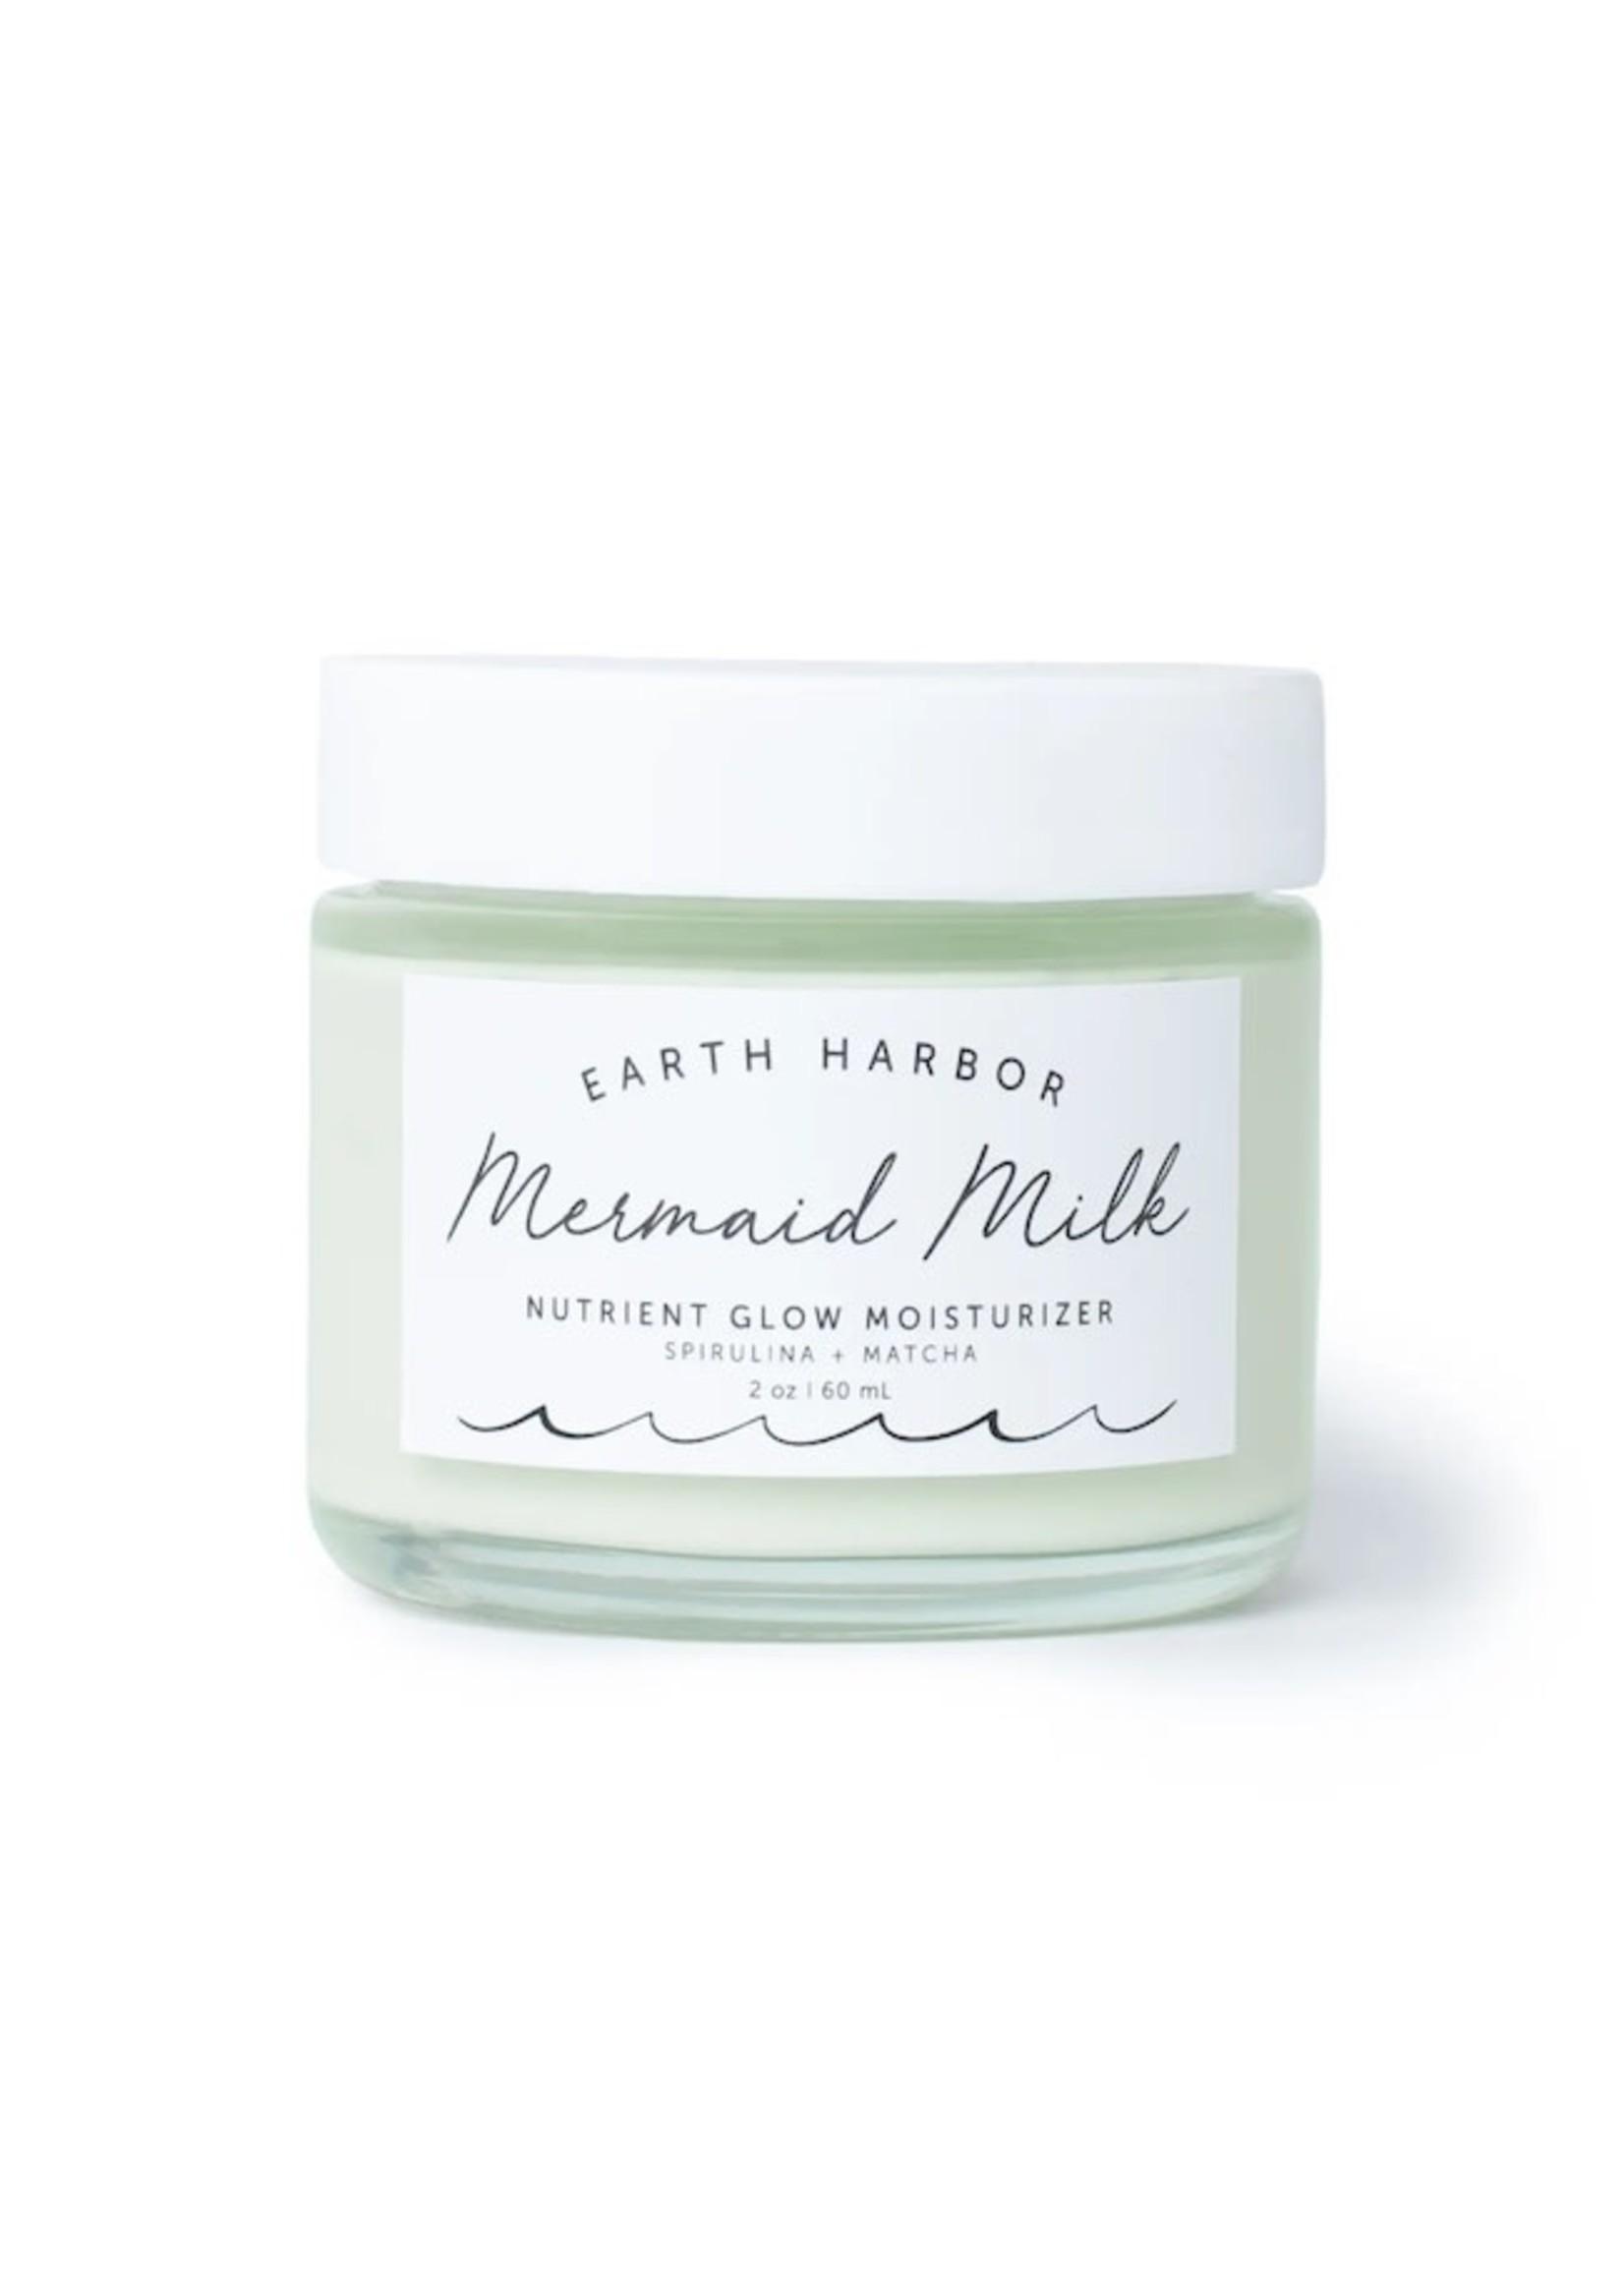 Earth Harbor Mermaid Milk Moisturizer